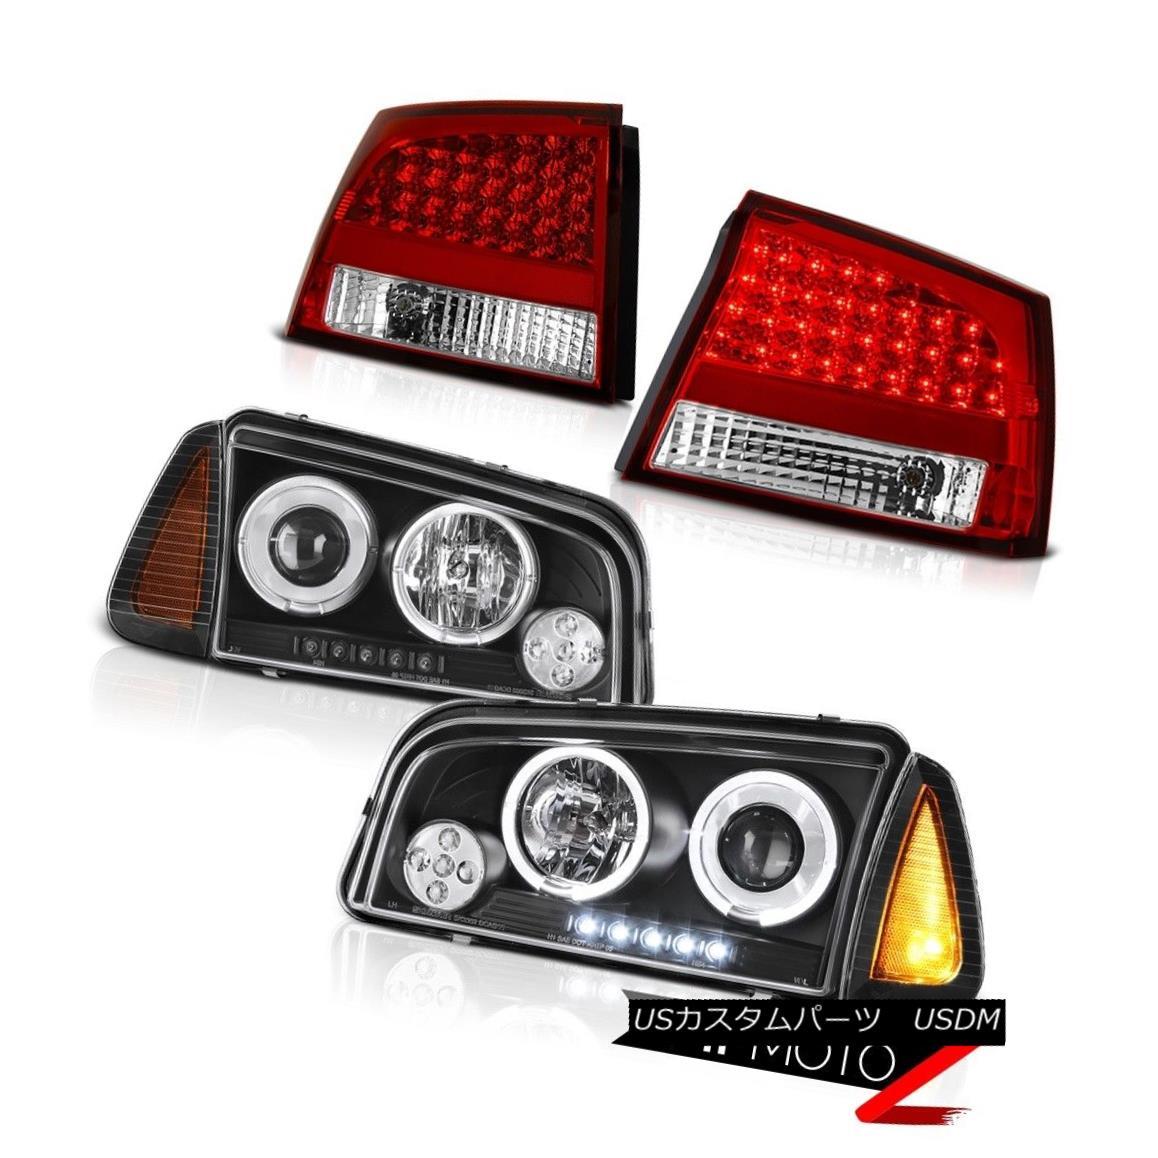 テールライト 2006 2007 2008 Charger RT Red tail lamps black parking light headlights LED SMD 2006年2007年2008充電器RT赤いテールランプ黒色の駐車ライトヘッドライトLED SMD